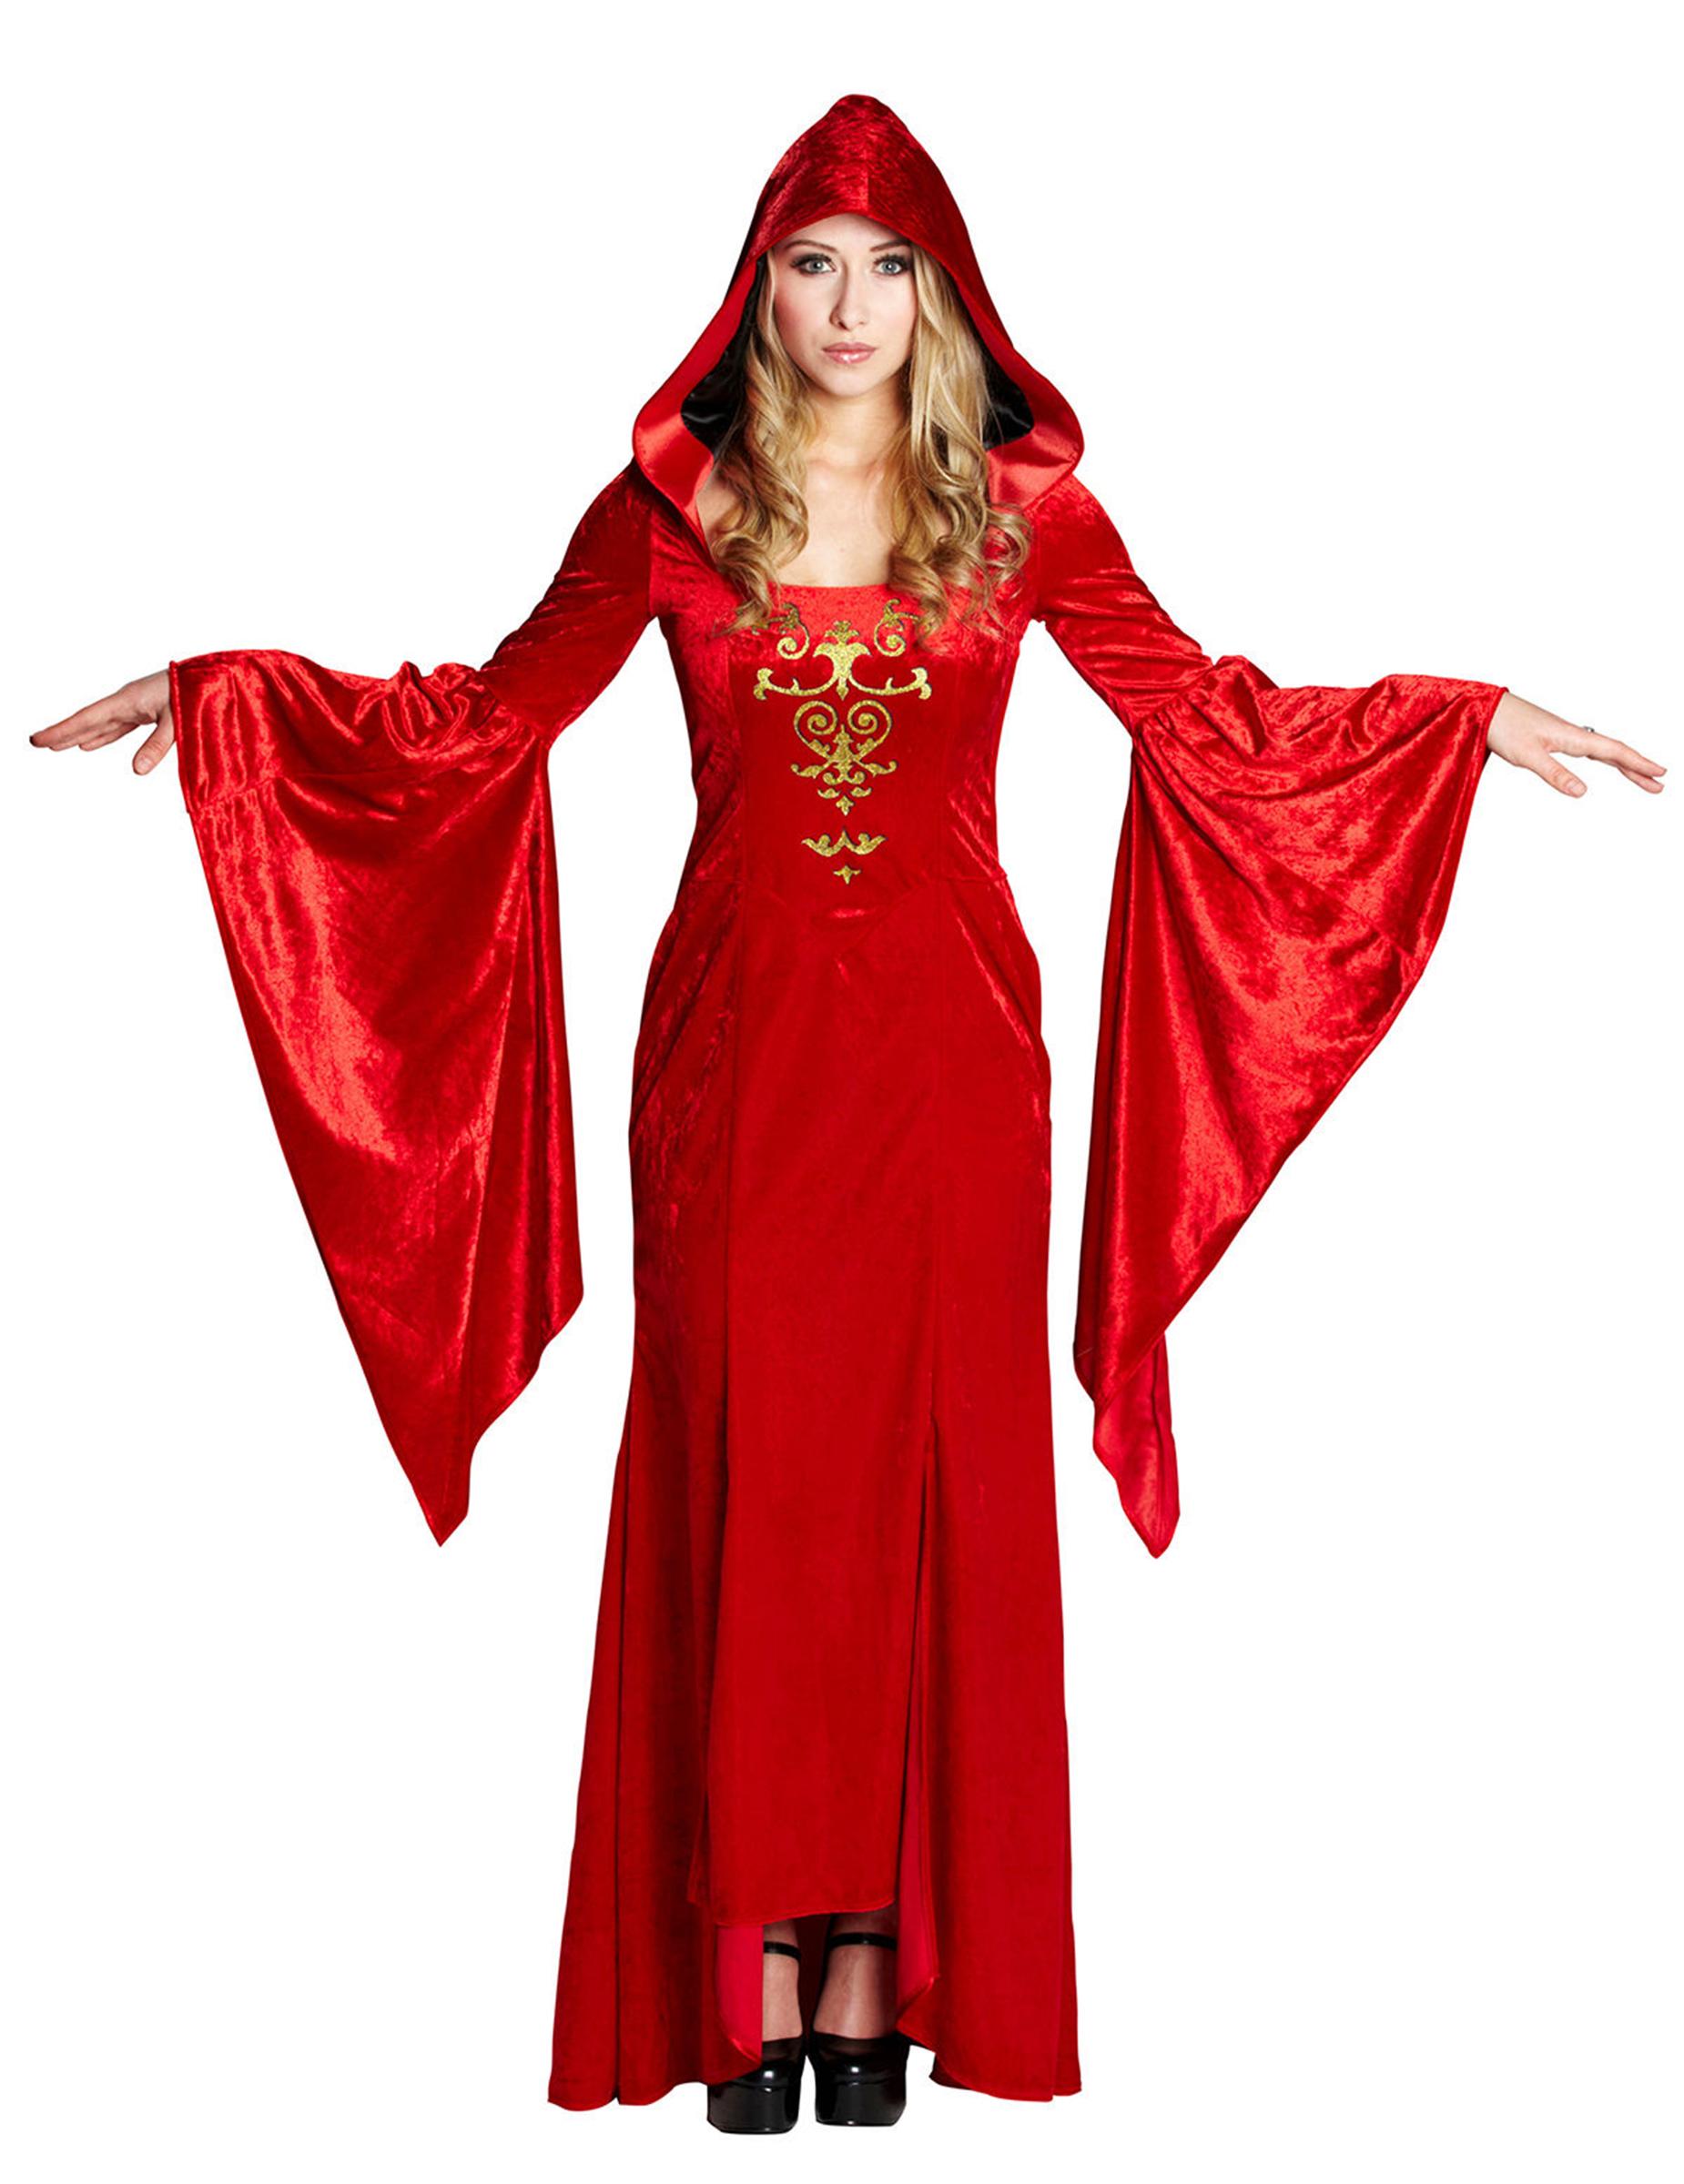 Mittelalterliche Robe Damenkostüm Gothic rot gold